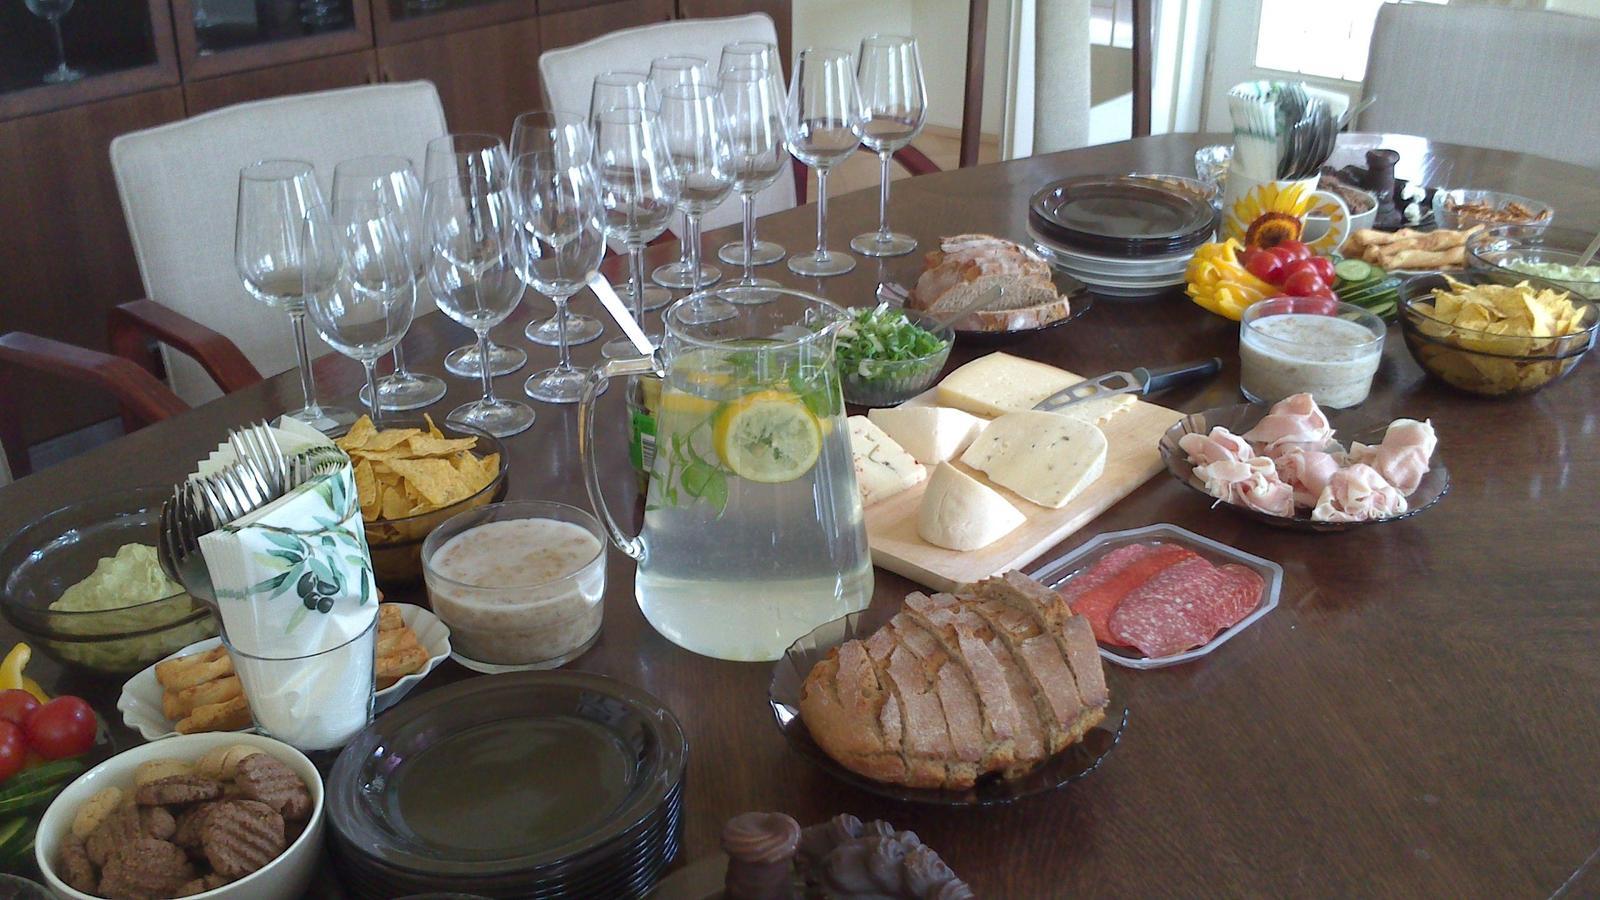 A občas i vařím... - Občerstvení na oslavu pro kolegu v práci pro 15 lidí - ještě chybí tiramisu (čekalo v ledničce na později).